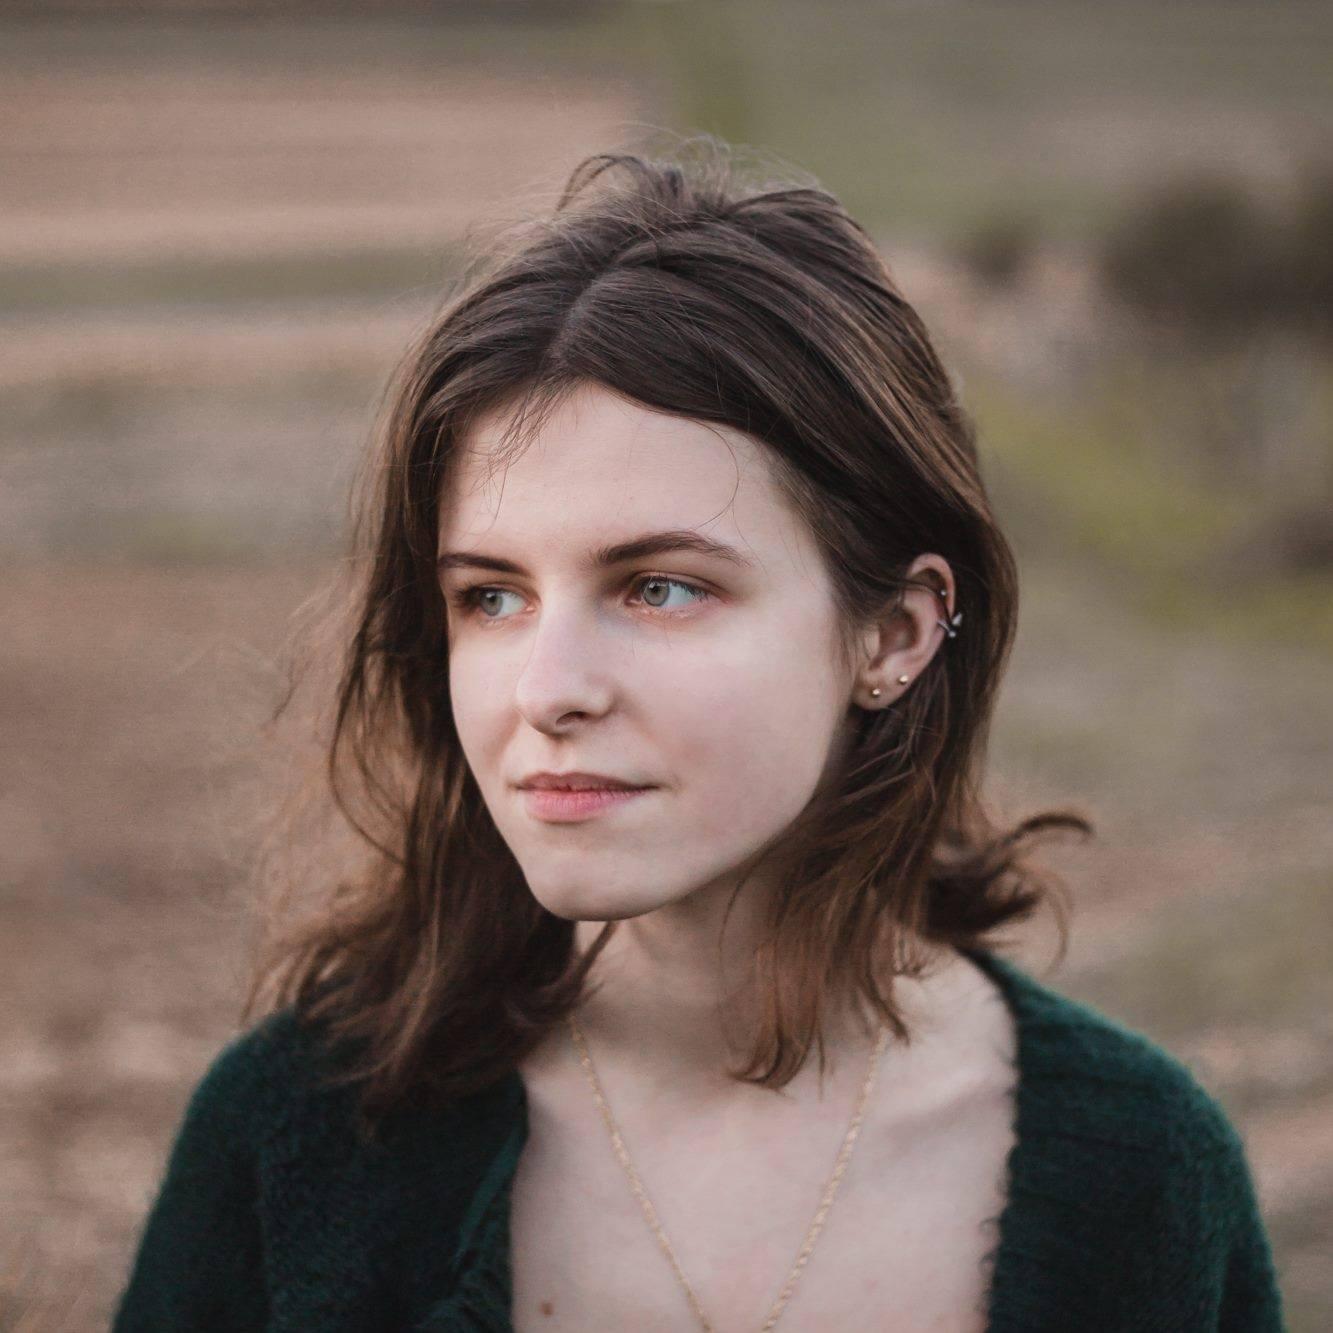 Alicja Kupiec